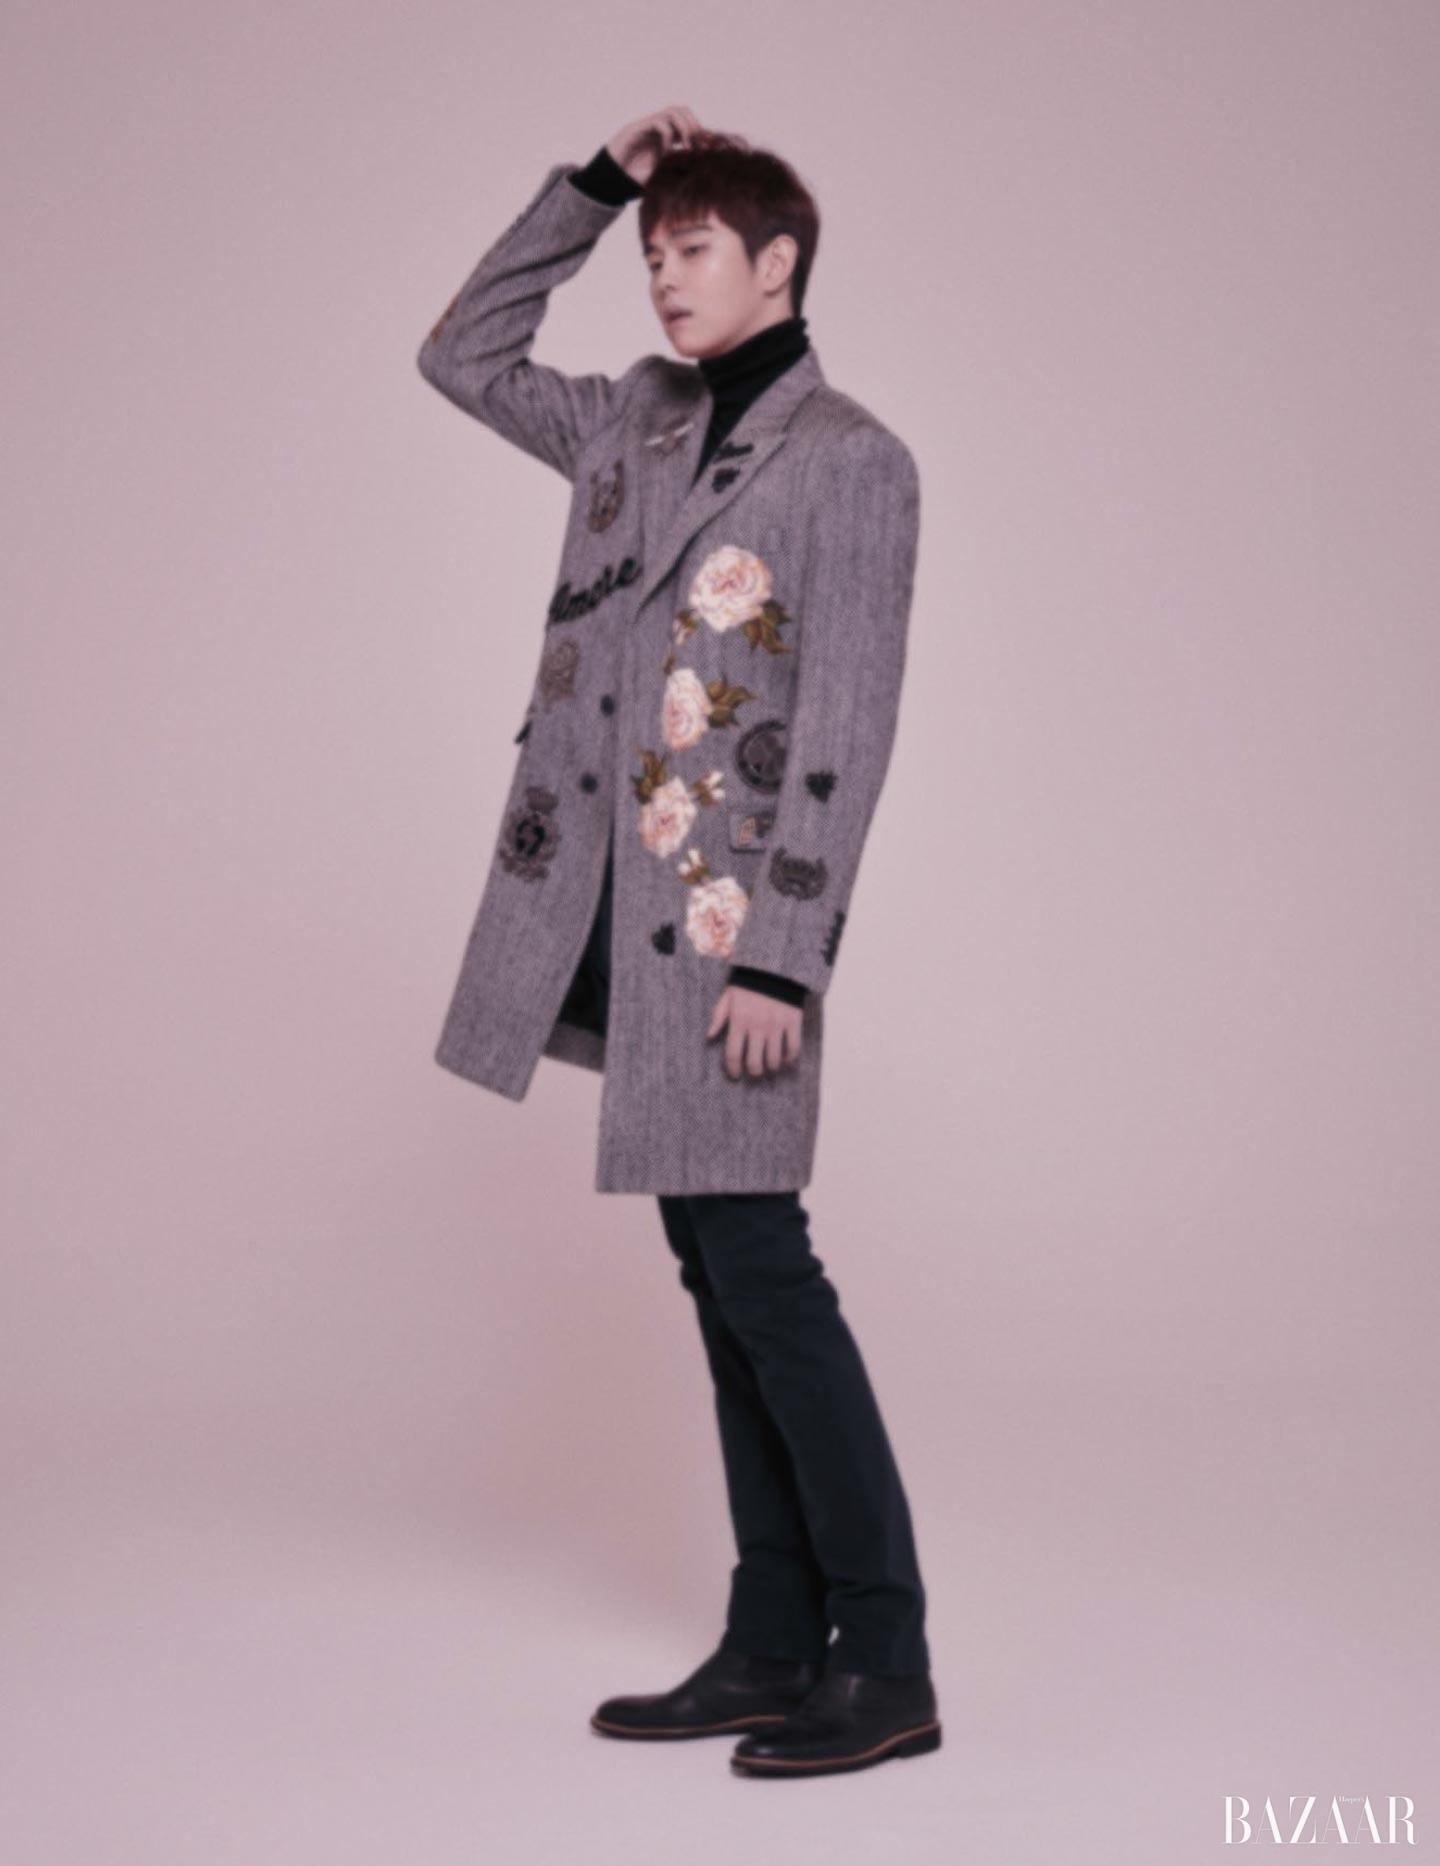 플라워 모티프가 패치워크된 헤링본 코트와 팬츠는 모두 Dolce & Gabbana, 터틀넥은 A.AV, 앵클부츠는 Saera Homme 제품.